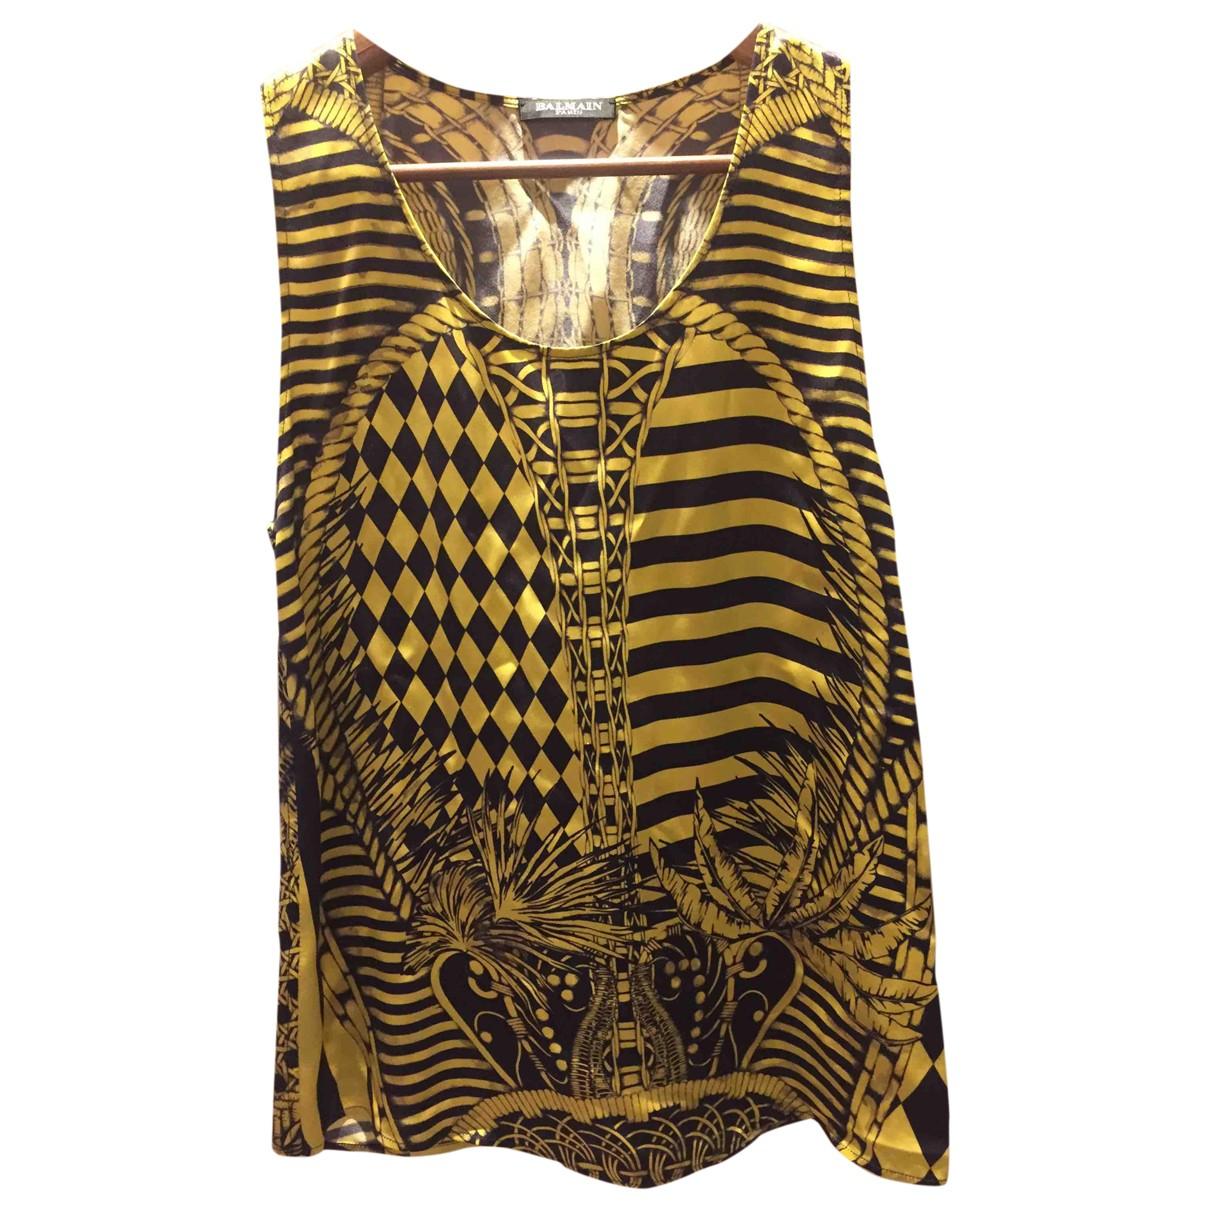 Balmain \N Yellow  top for Women 38 FR